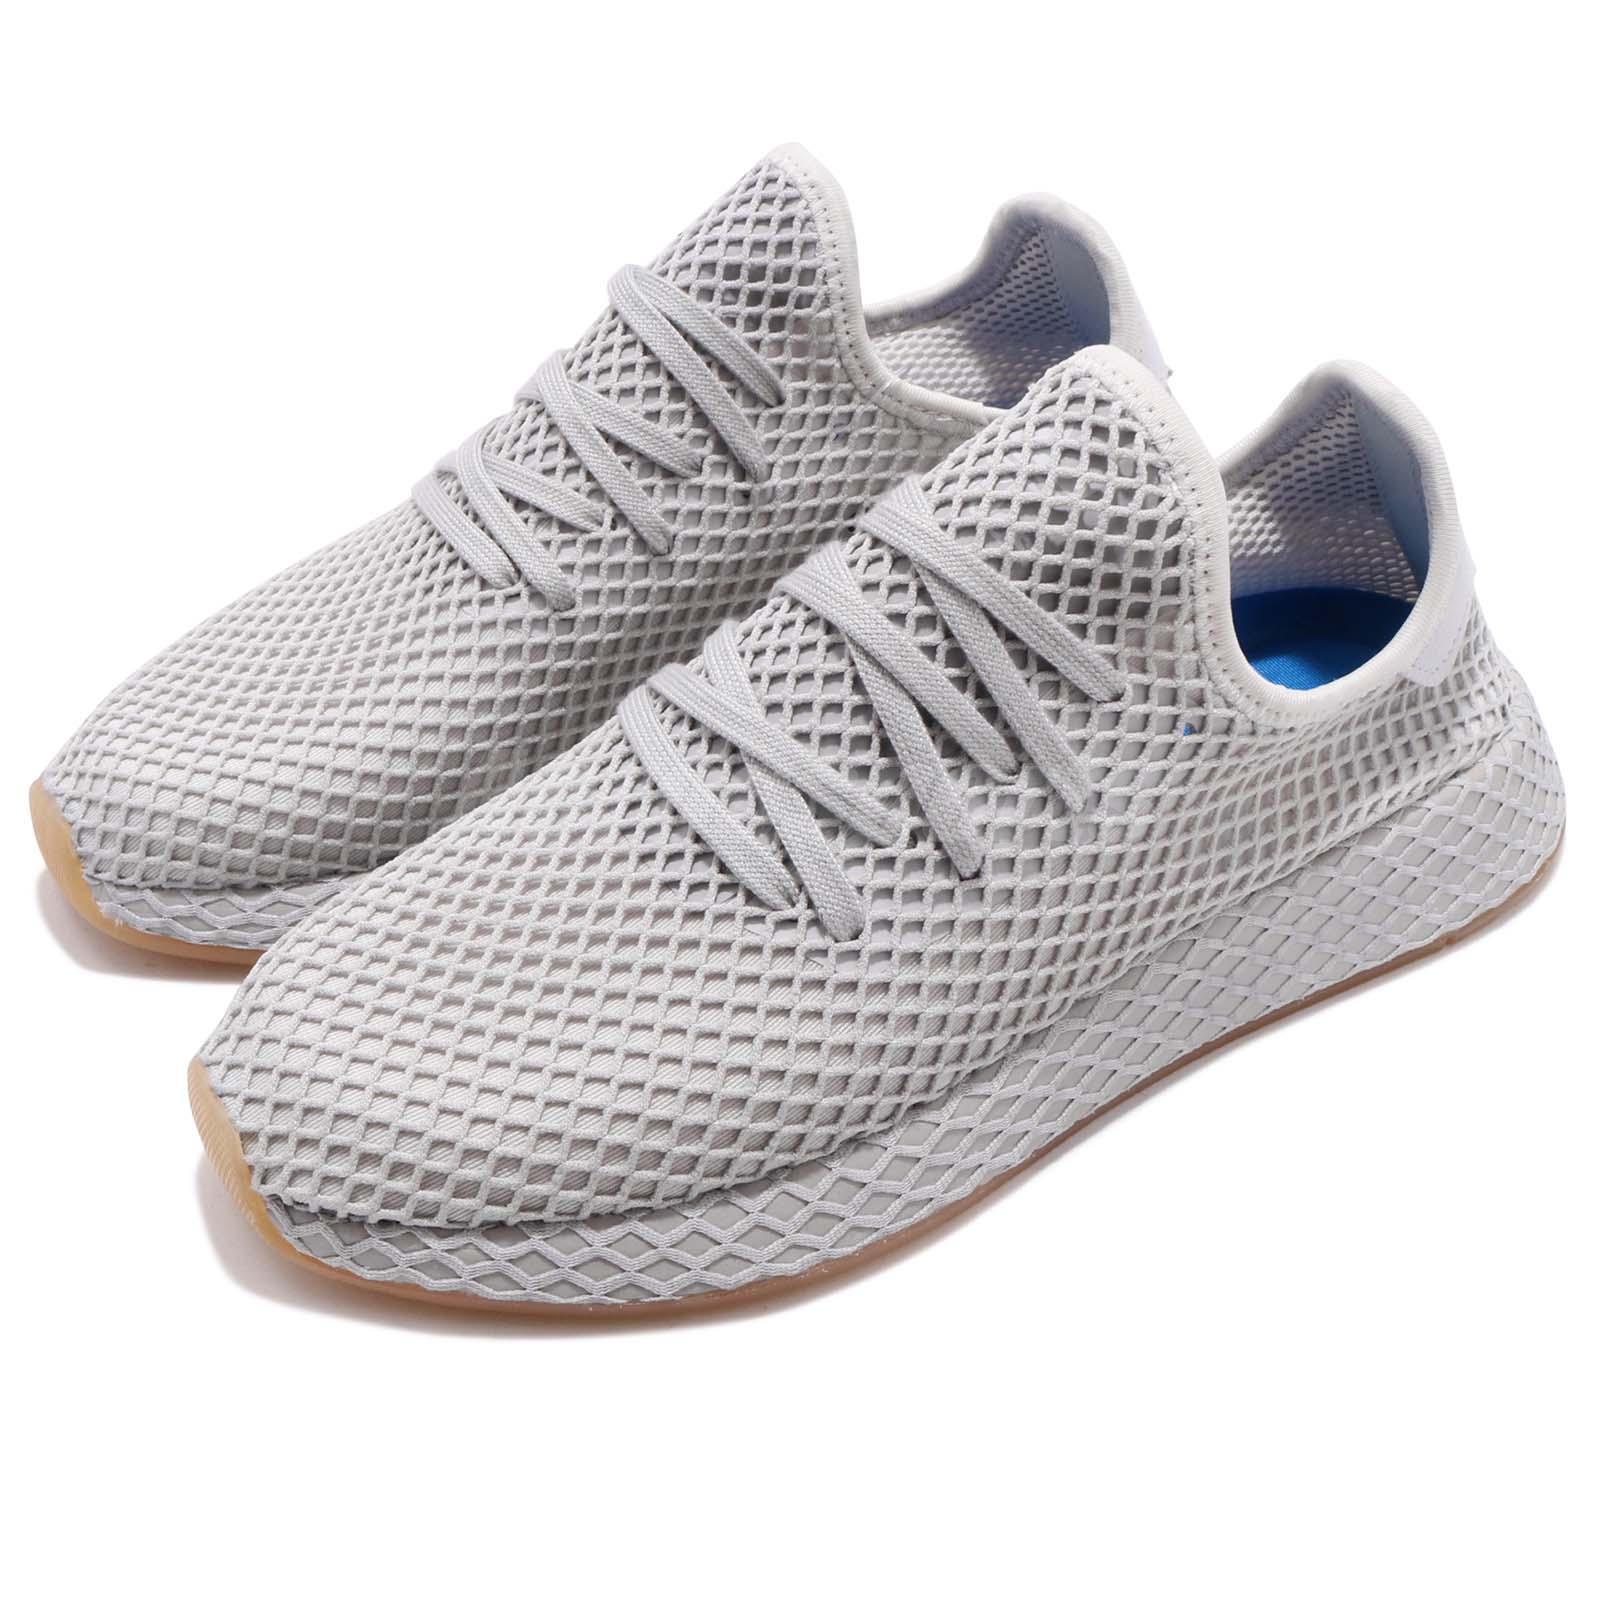 2bd16a60d94e5 Details about adidas Originals Deerupt Runner Grey Three Gum Men Running Shoes  Sneakers CQ2628